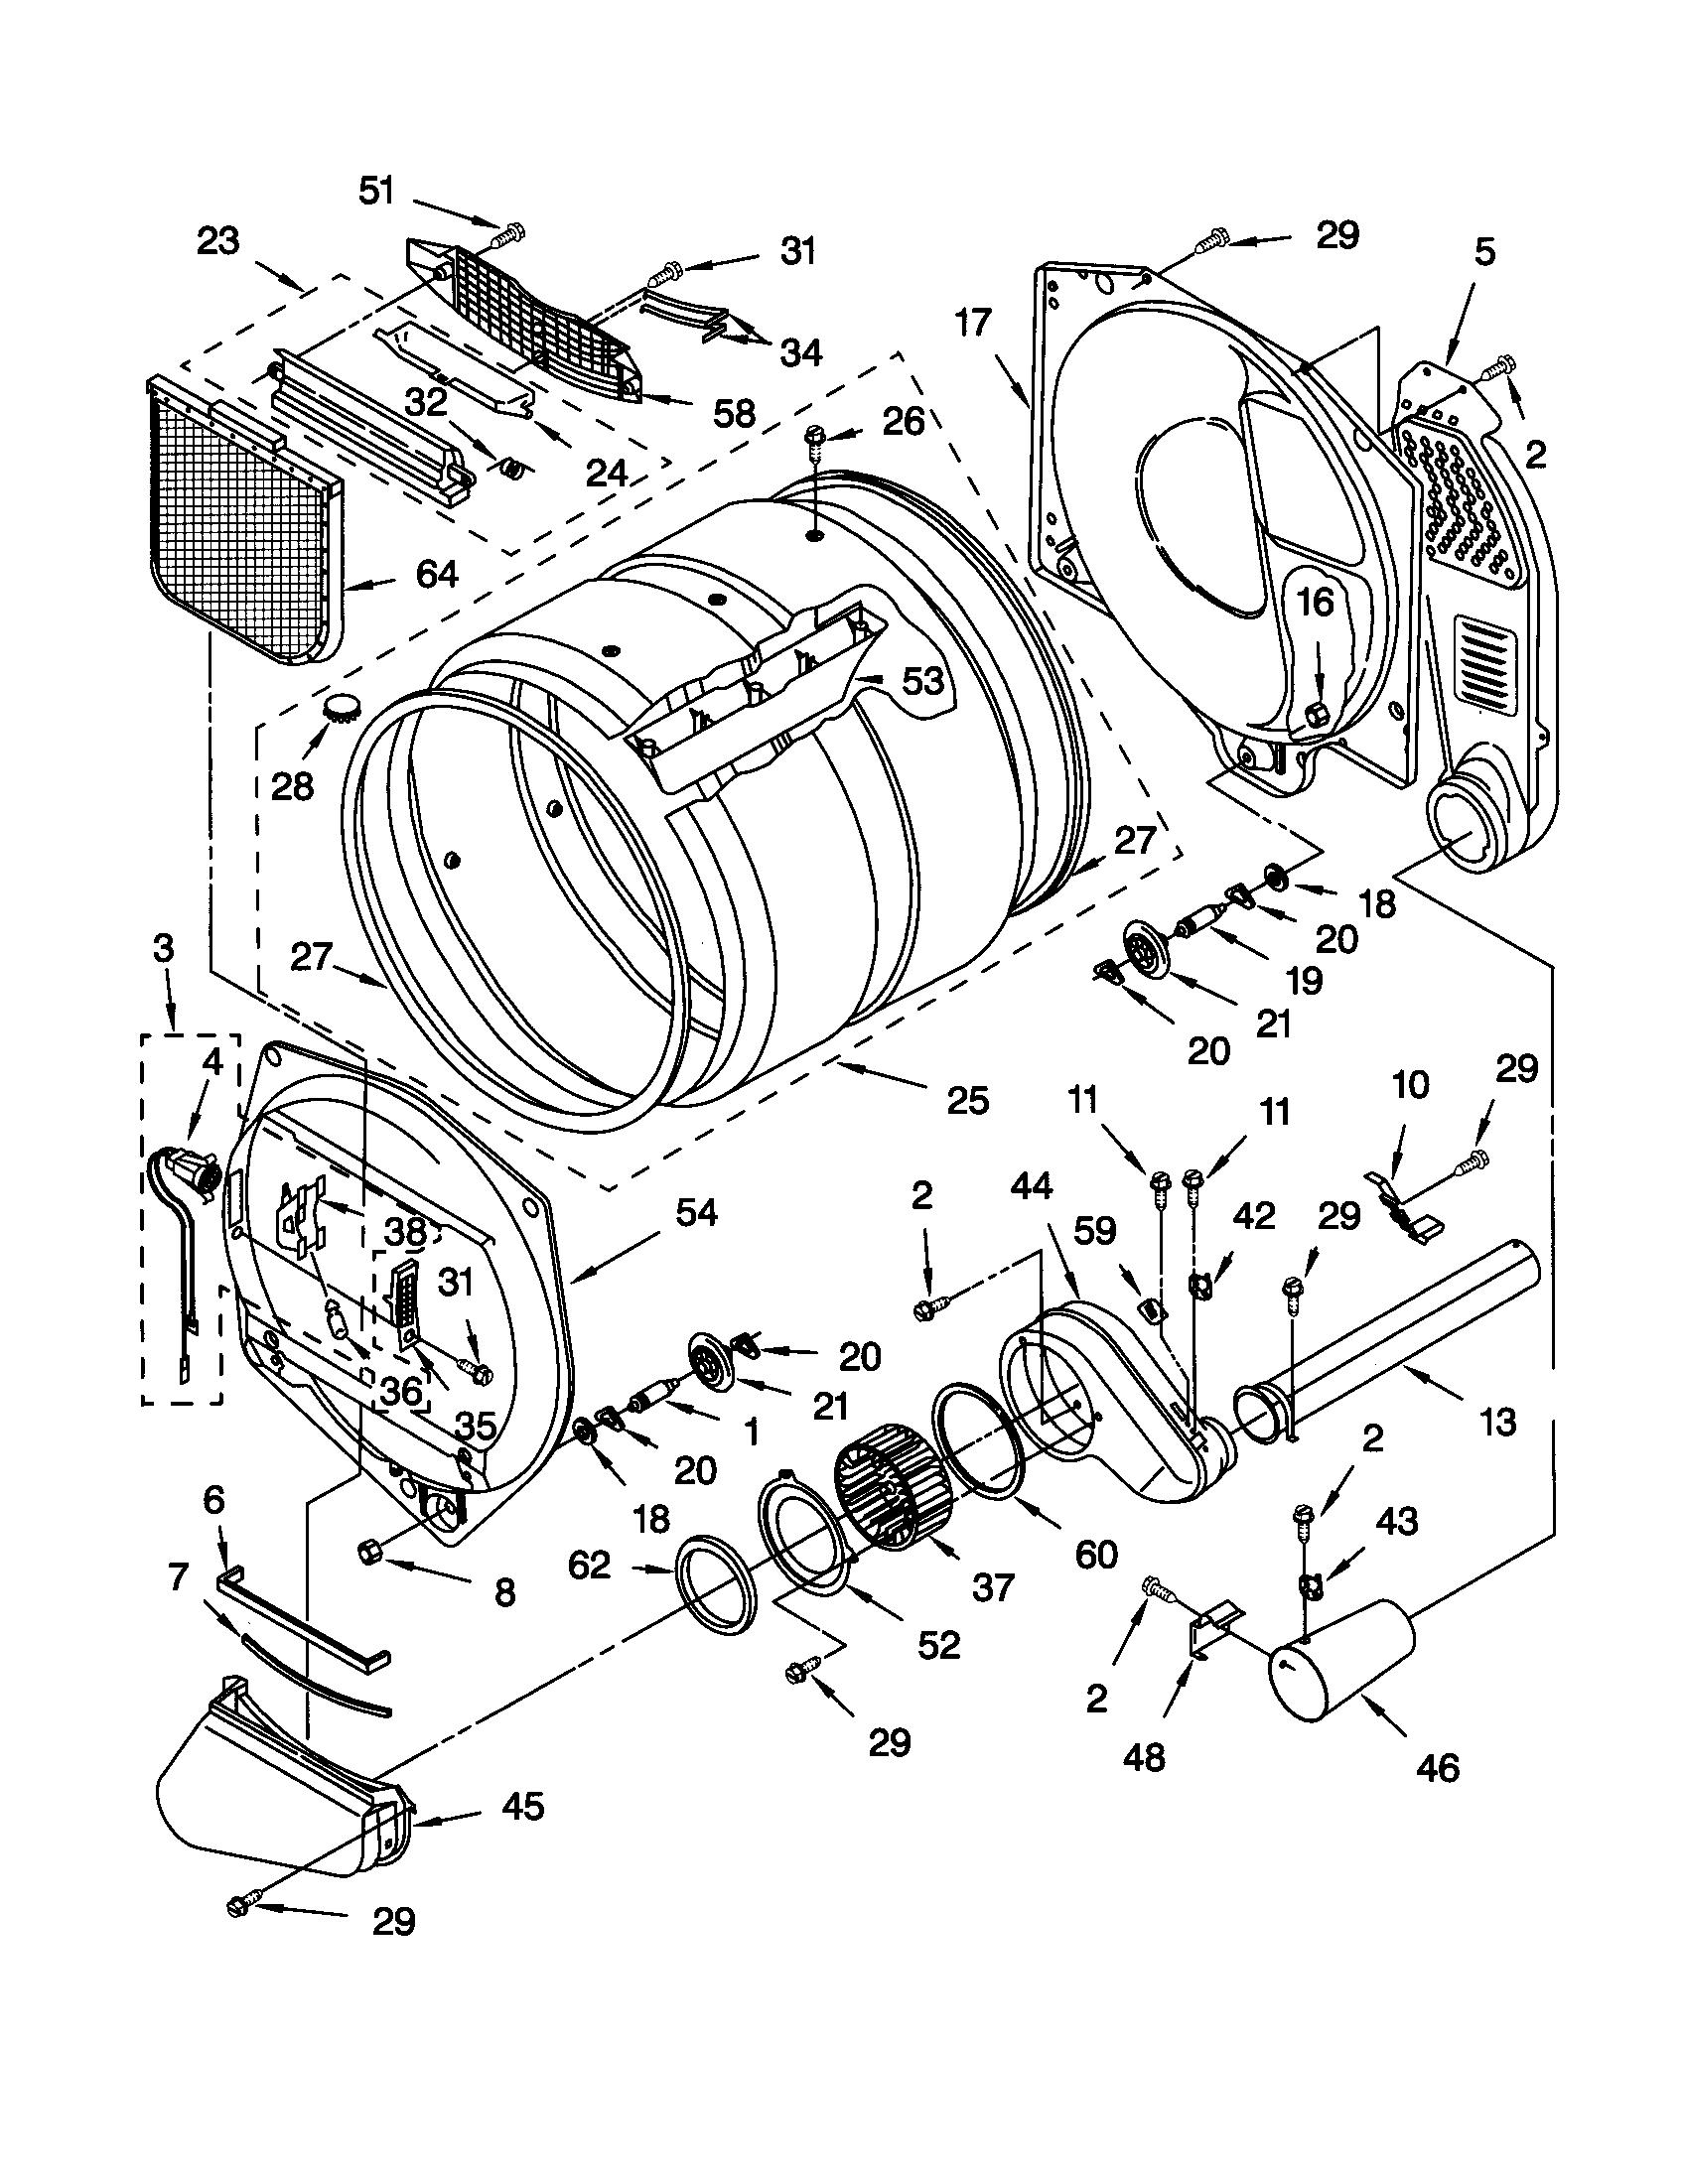 110 Dryer Wiring Diagram